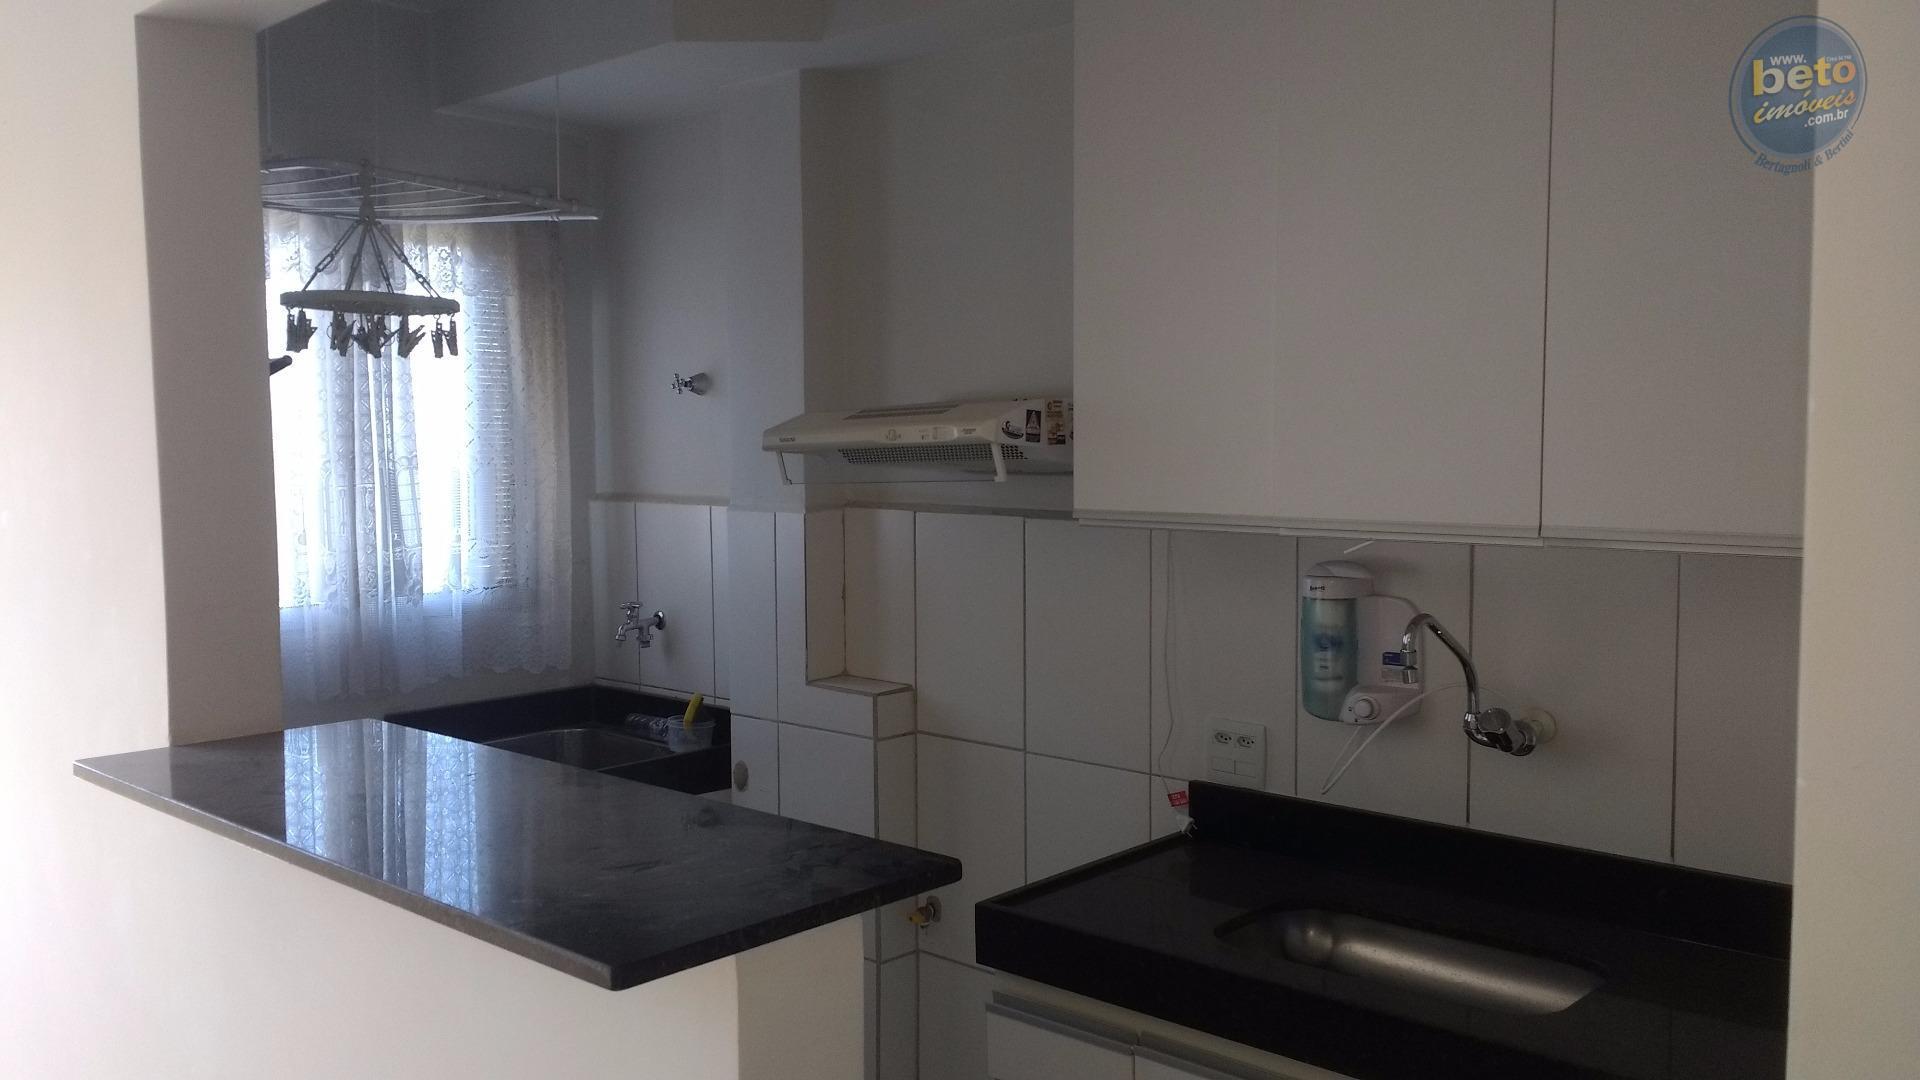 Apartamento com 2 dormitórios à venda, 49 m² por R$ 220.000 - Edifício Ilha de Capri - Itu/SP